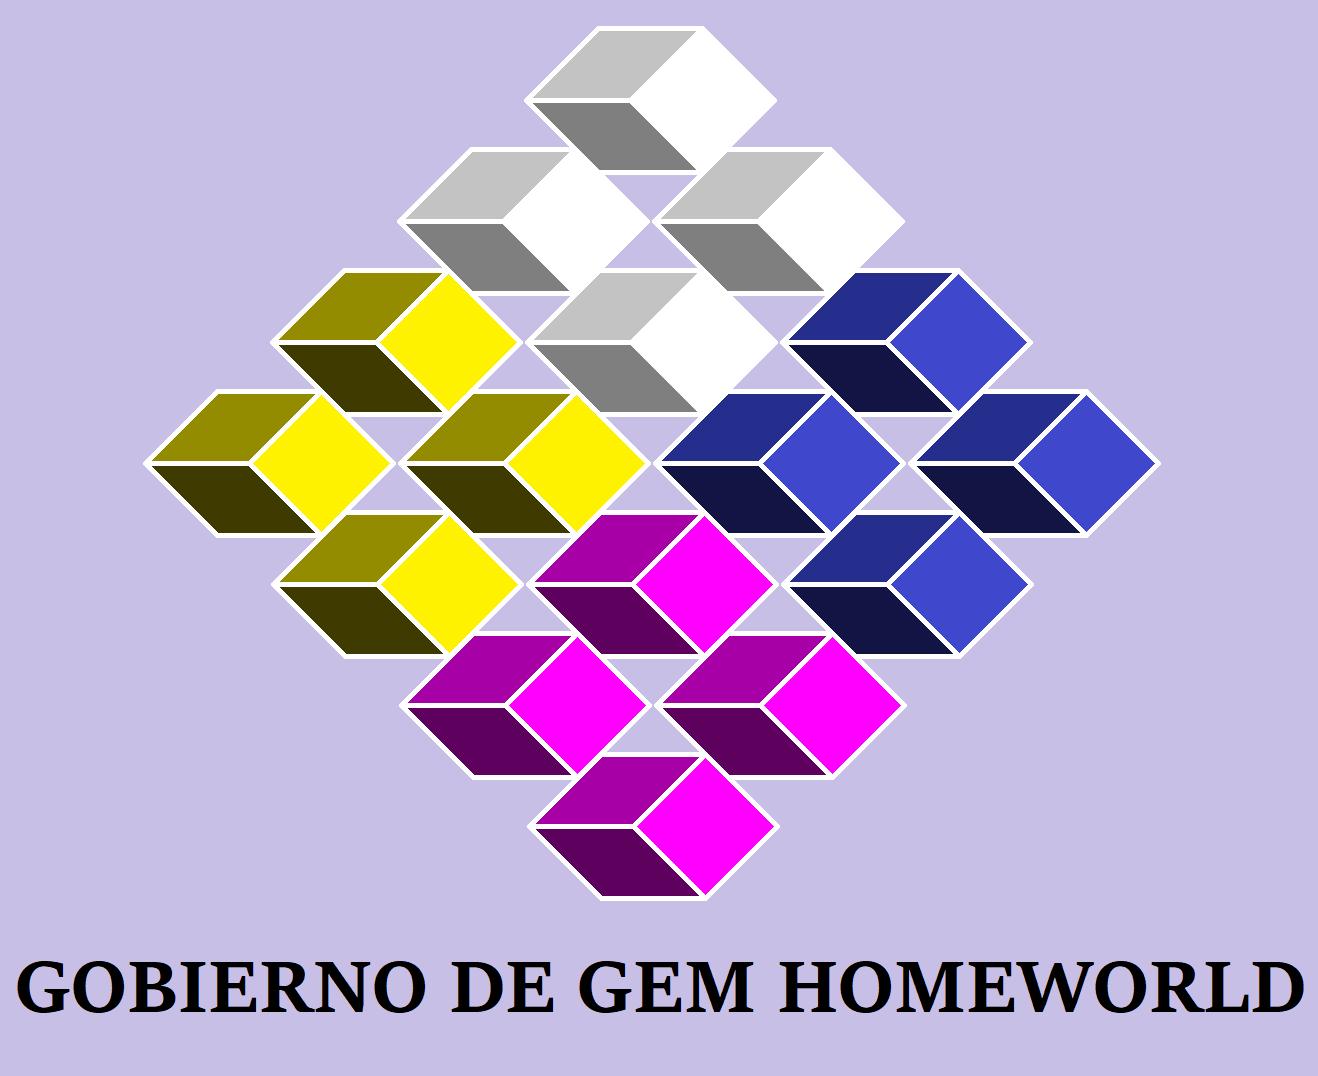 Gobierno de Gem Homeworld by AVM-Cartoons